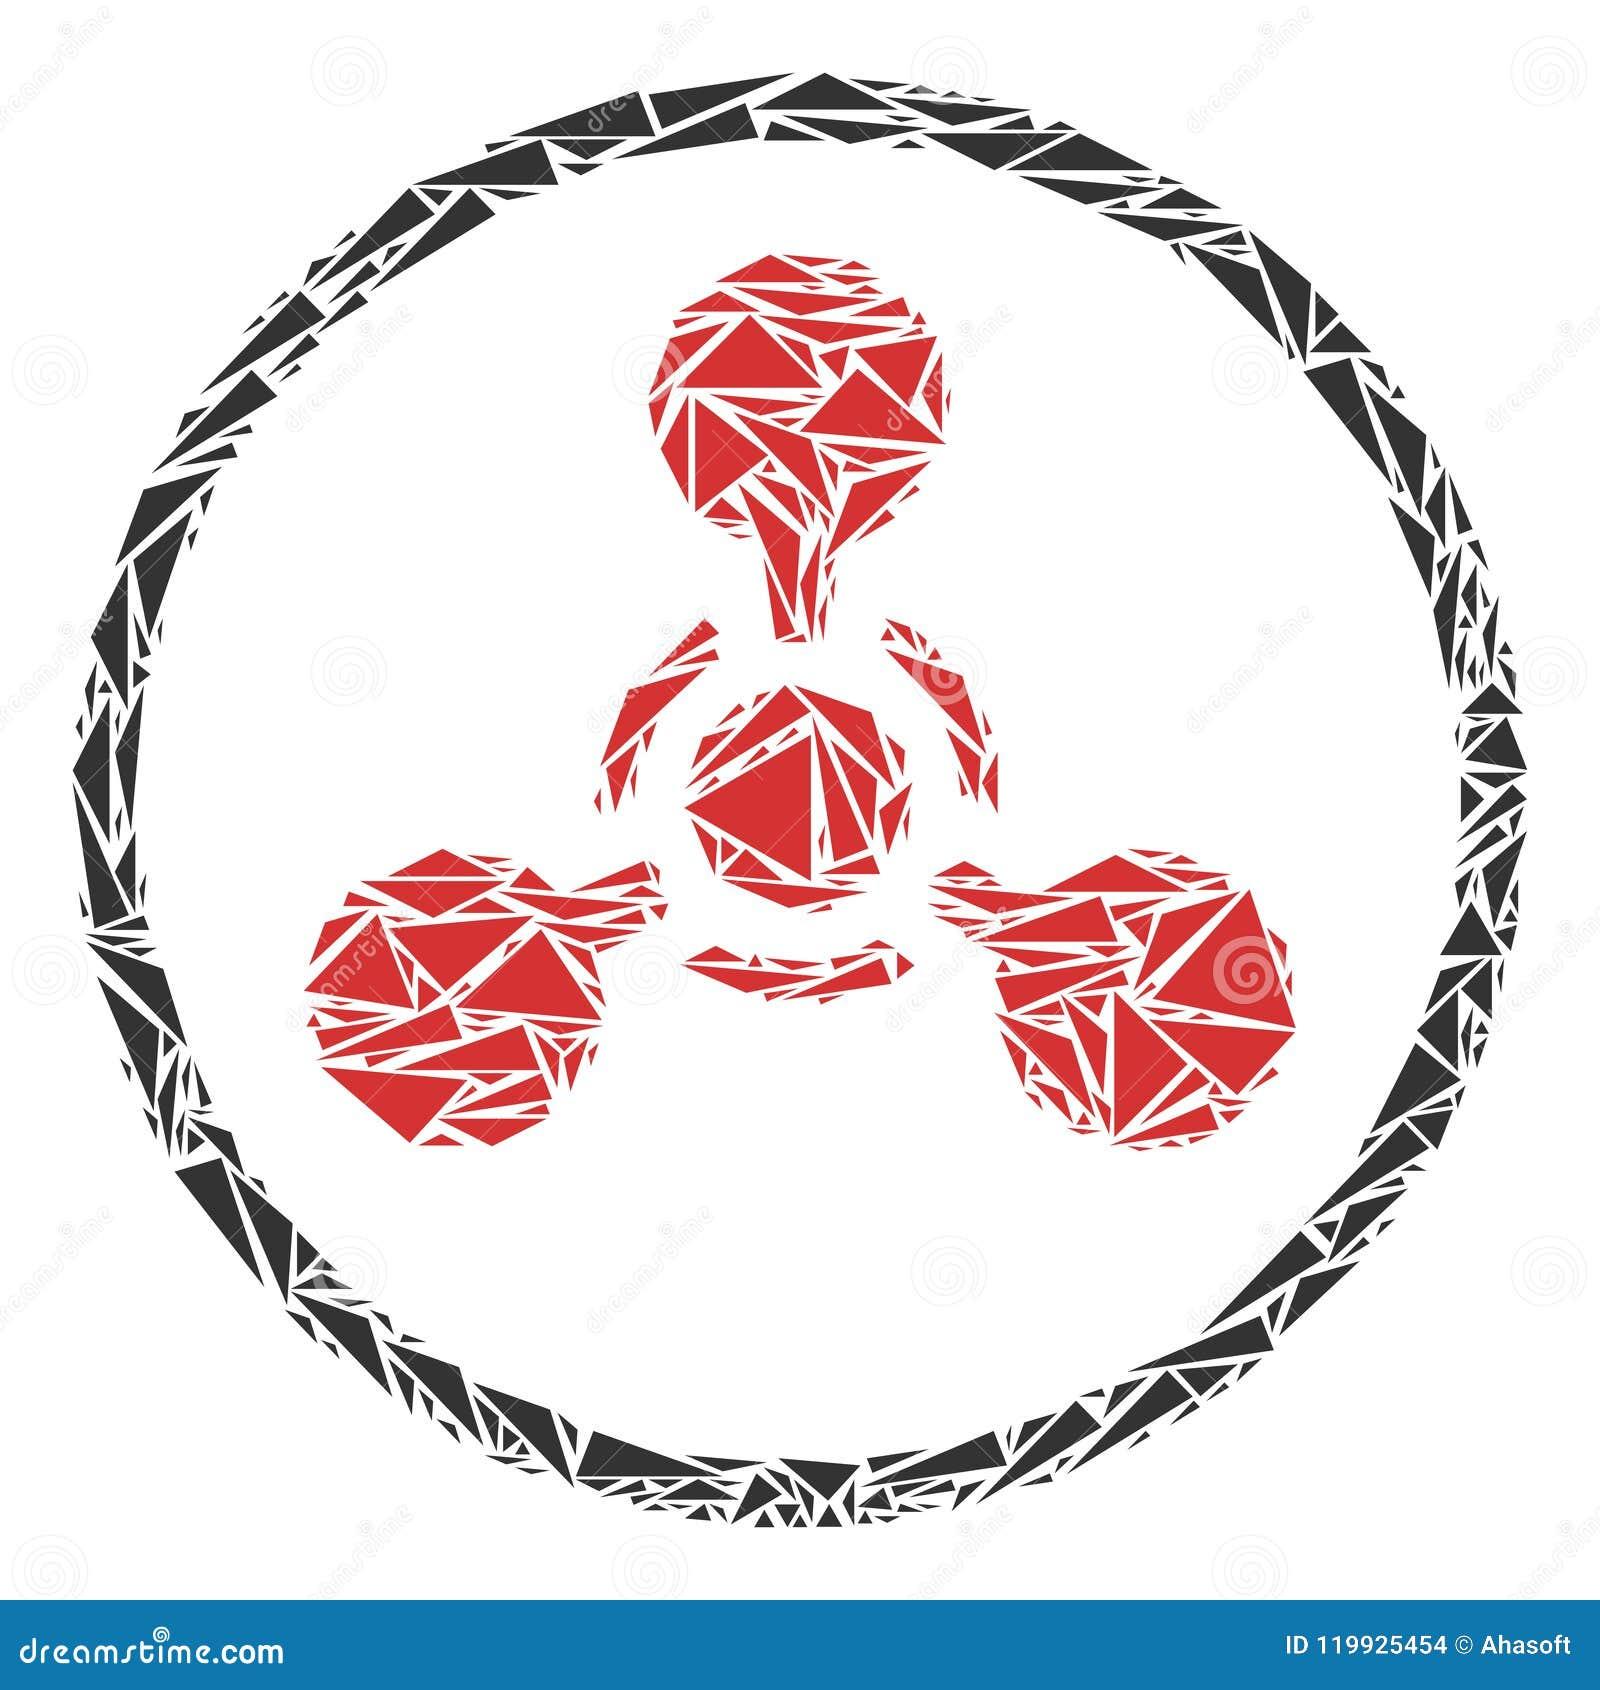 Коллаж химической войны агента нервно-паралитического действия WMD треугольников